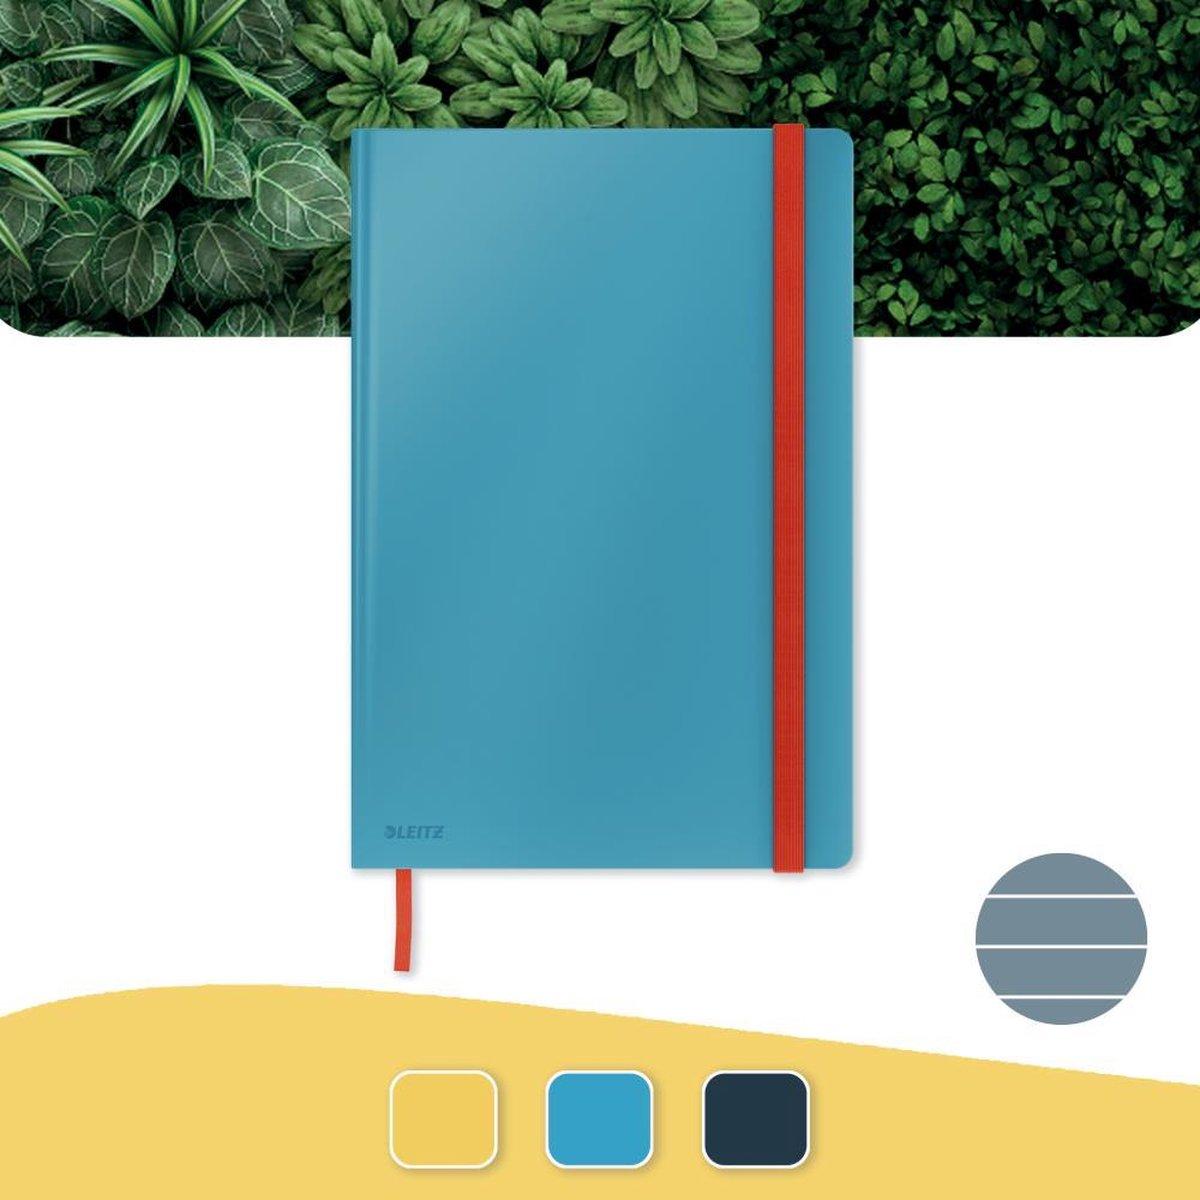 Leitz Cosy Notitieboek B5 Soft Touch Gelijnd - Notitieboek Hard Cover - Sereen Blauw - Ideaal Voor Thuiswerken/Thuiskantoor